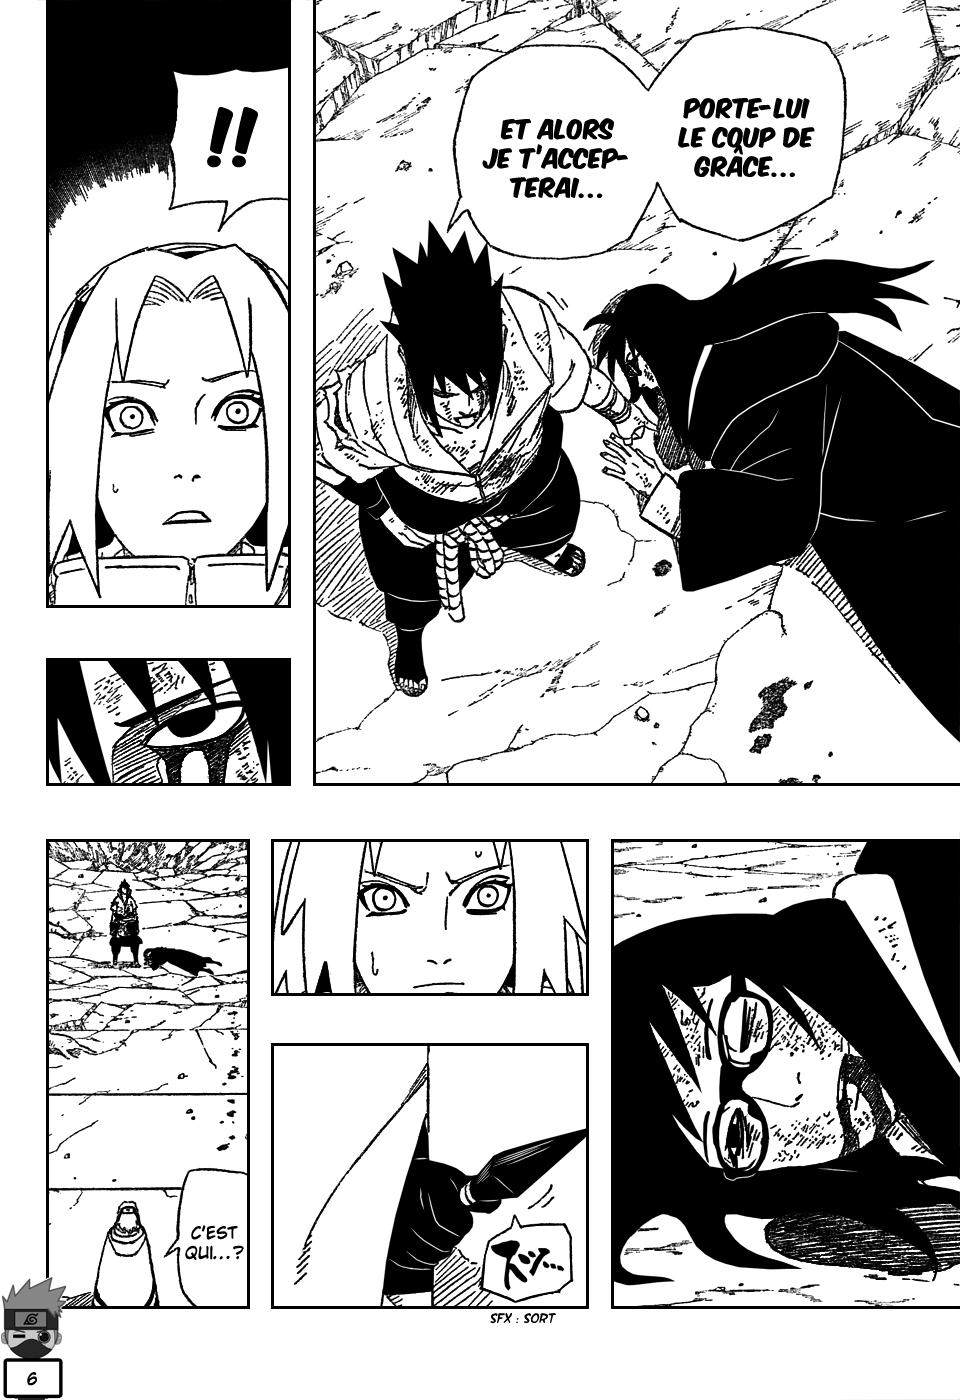 Naruto chapitre 483 - Page 6